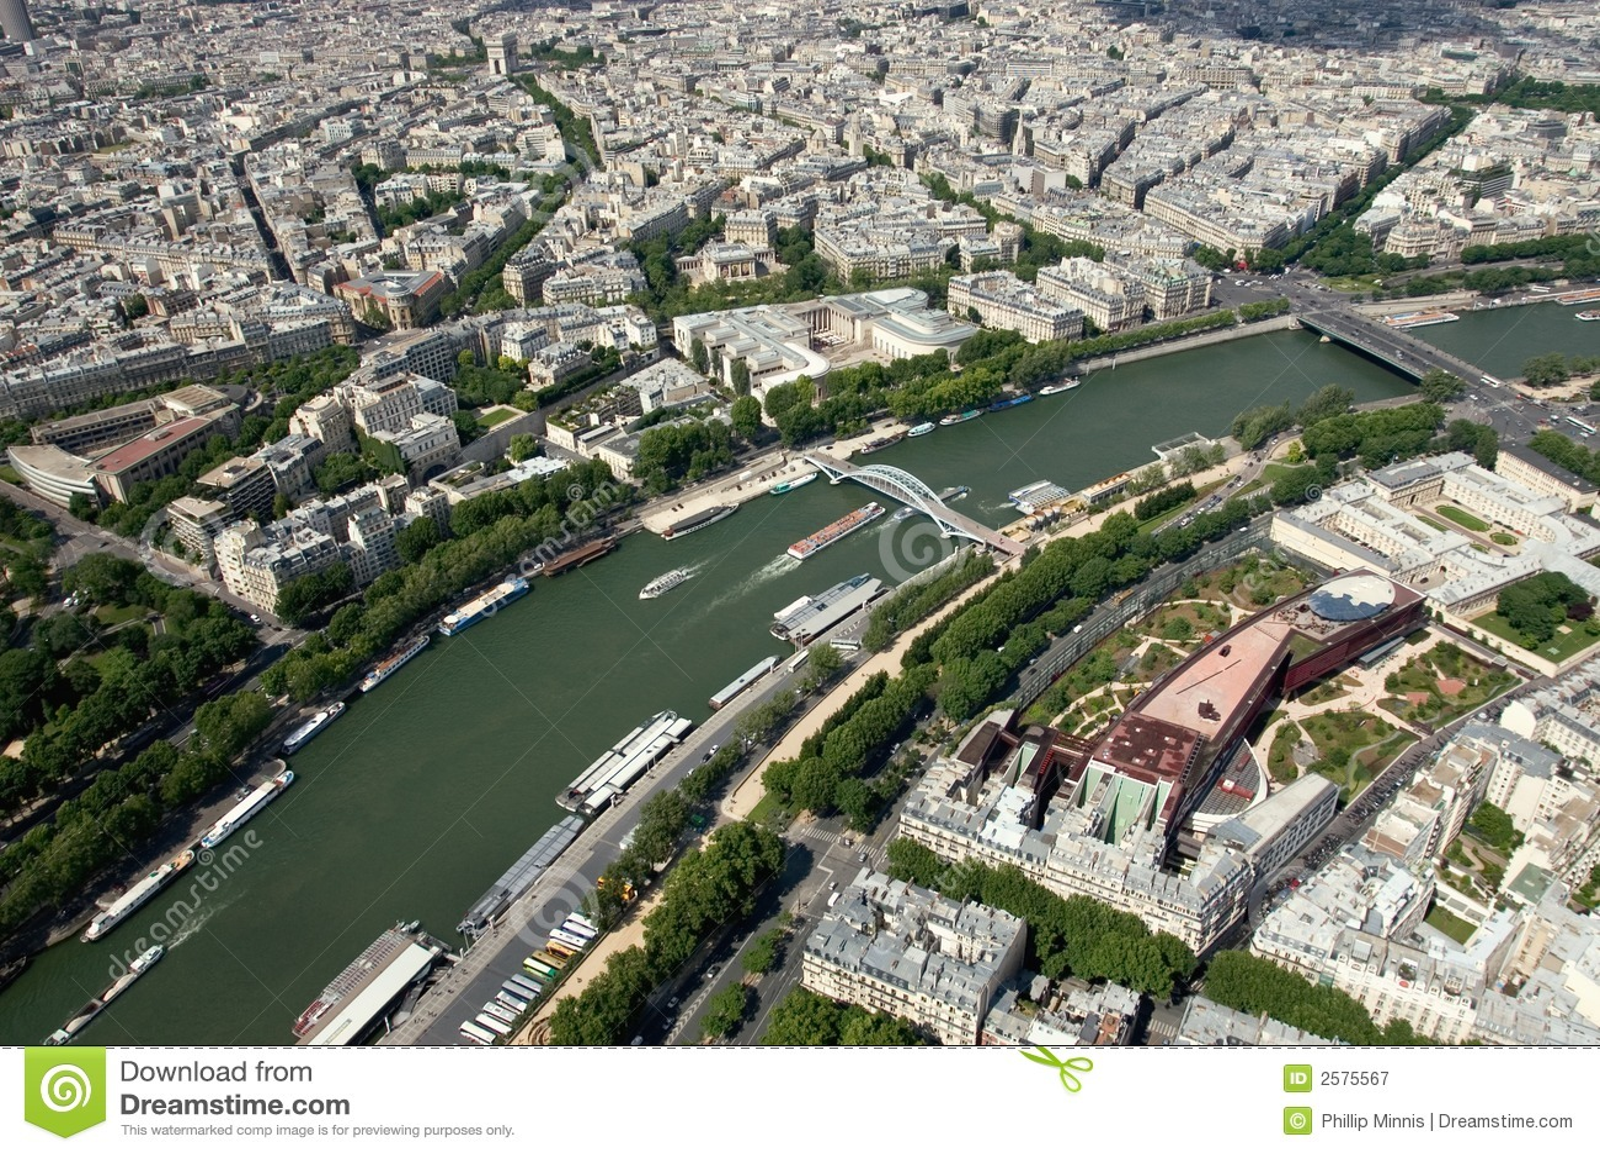 Photographie stock libre de droits: le fleuve seine - paris